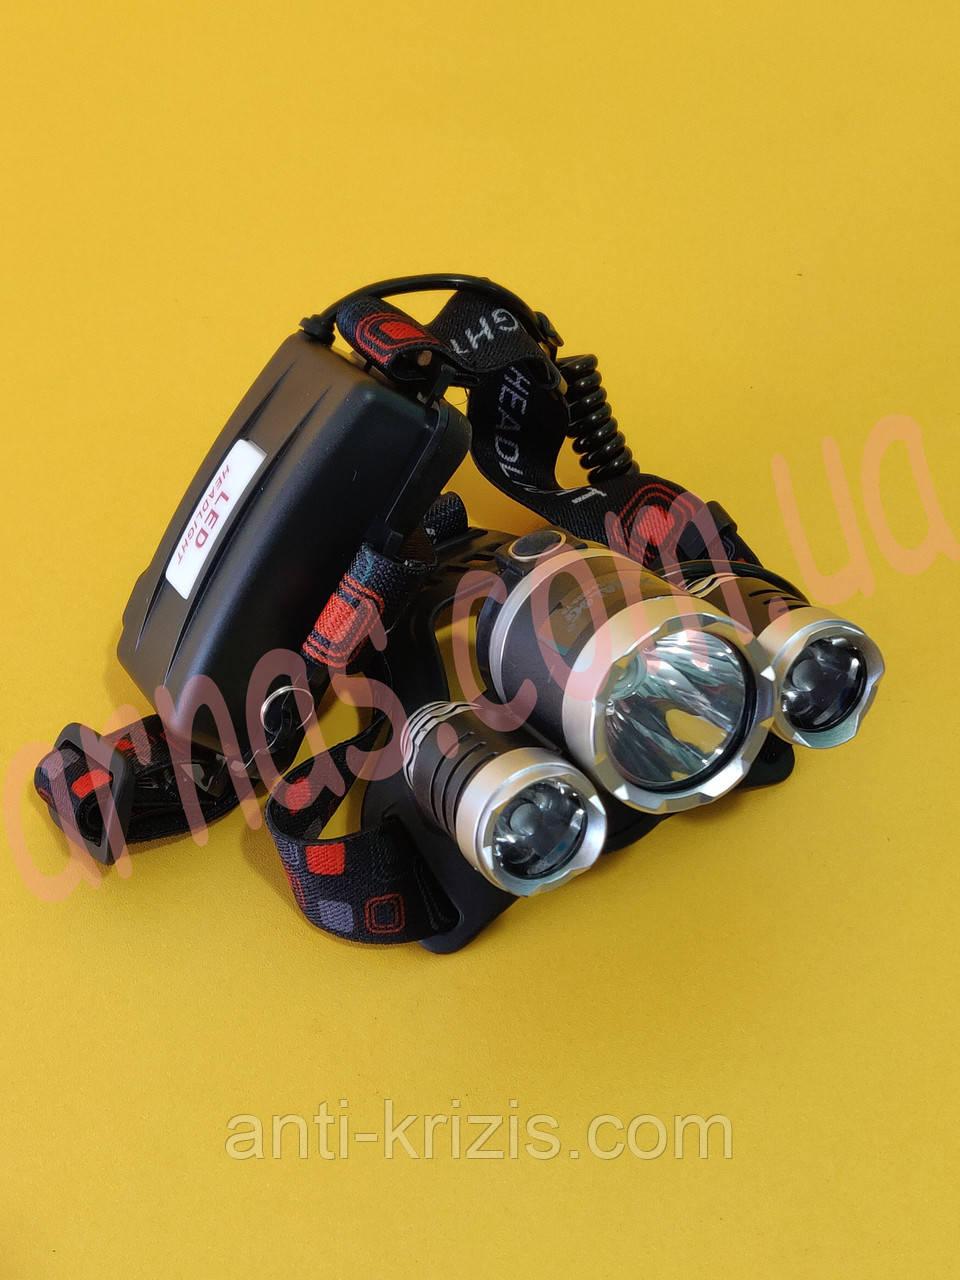 Аккумуляторный налобный фонарь RJ-3000